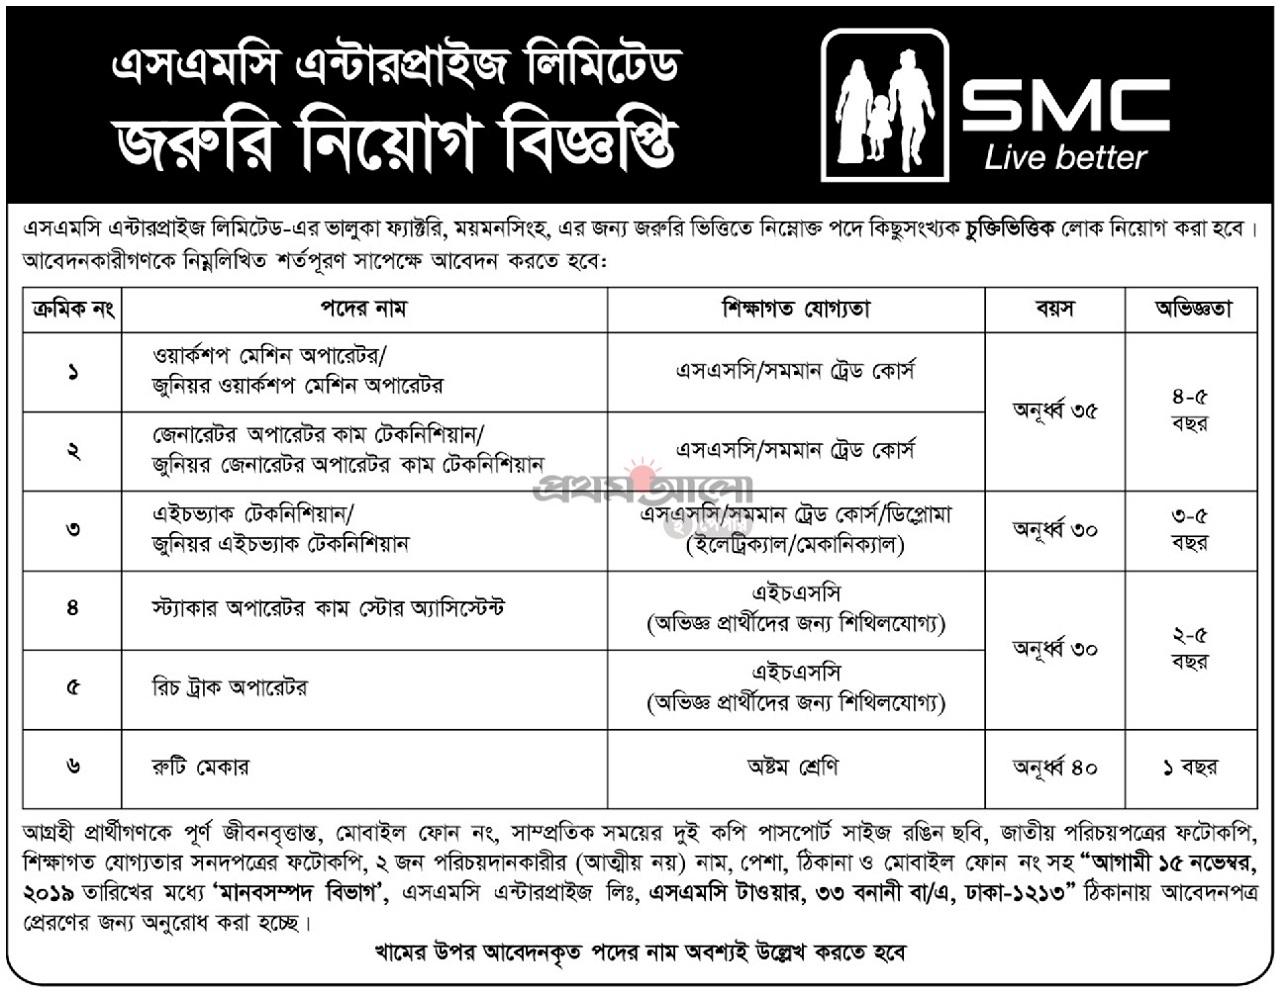 SMC Job Circular 2019